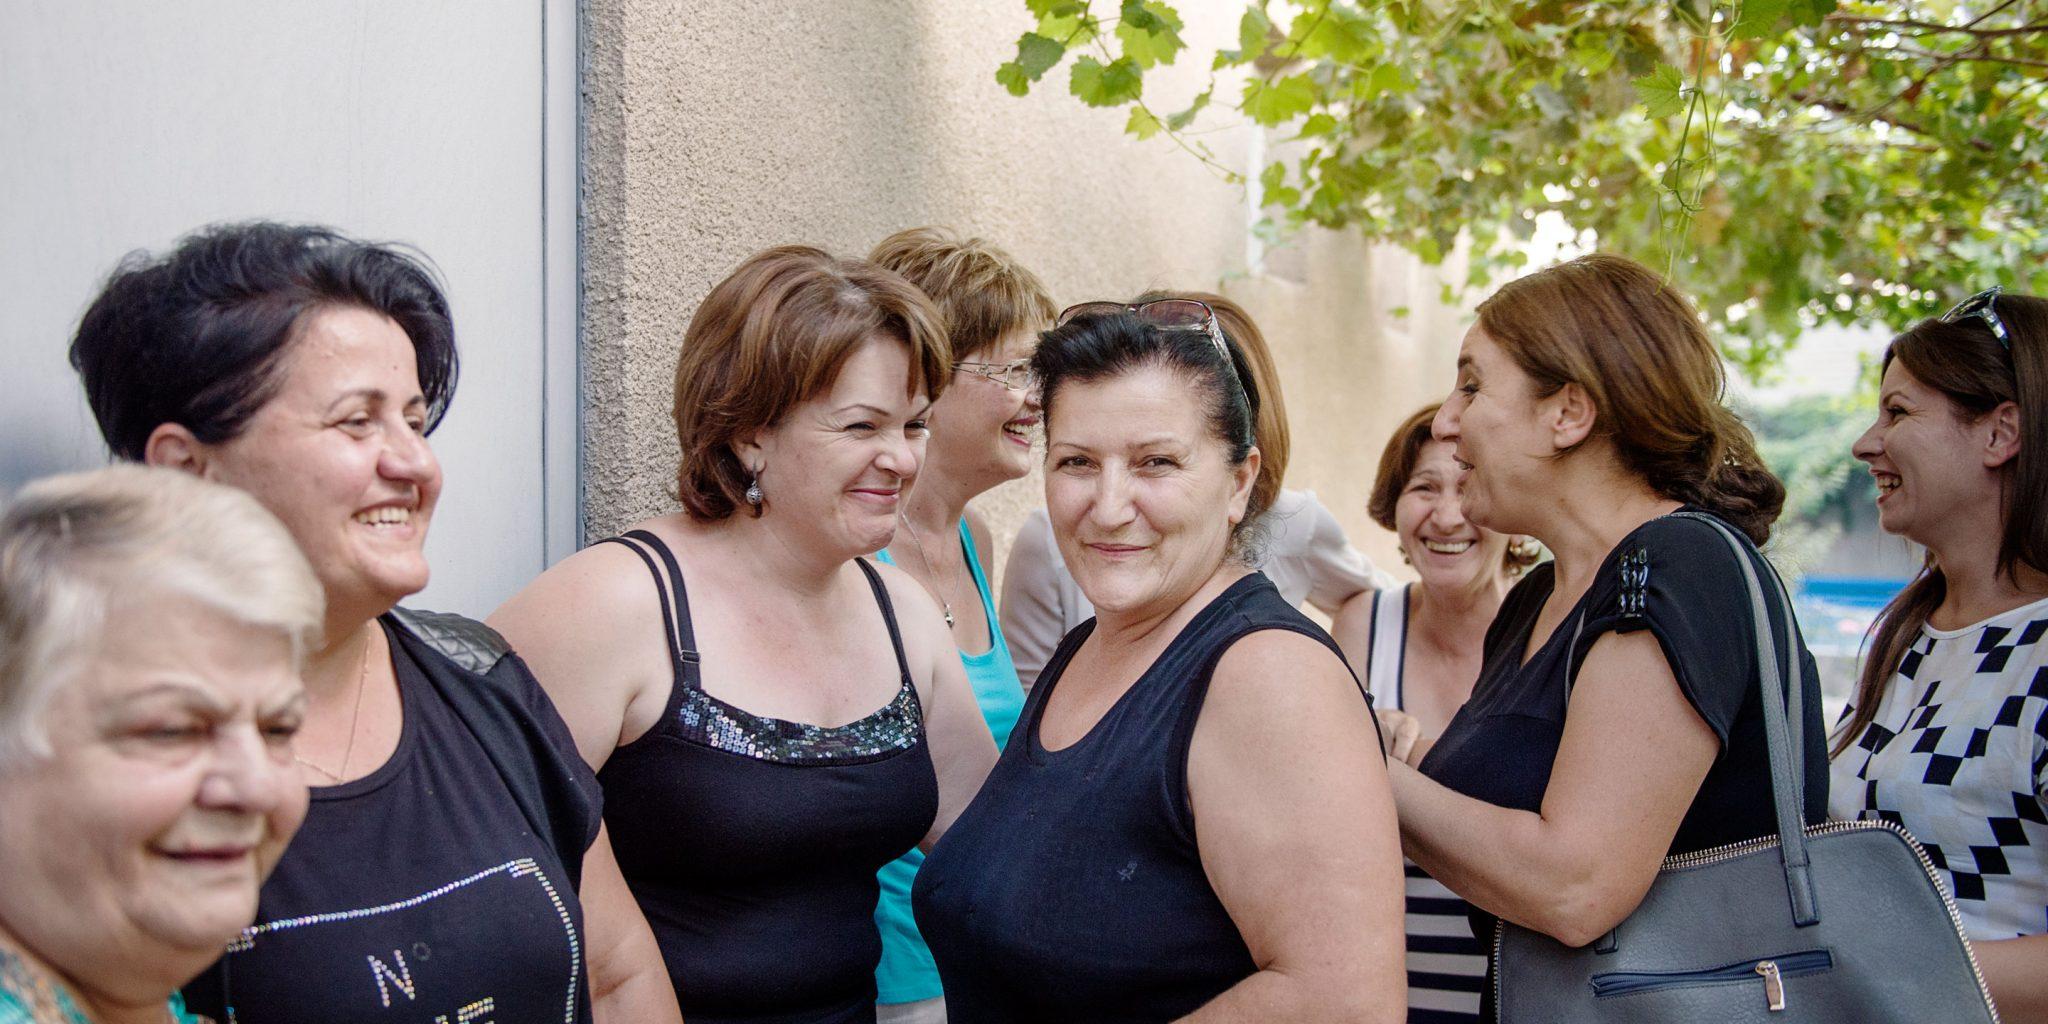 Kvinnoklubben i armeniska byn Nalbandyan utvecklar strategier för att åstadkomma förändring för byns kvinnor. Foto: Pi Frisk